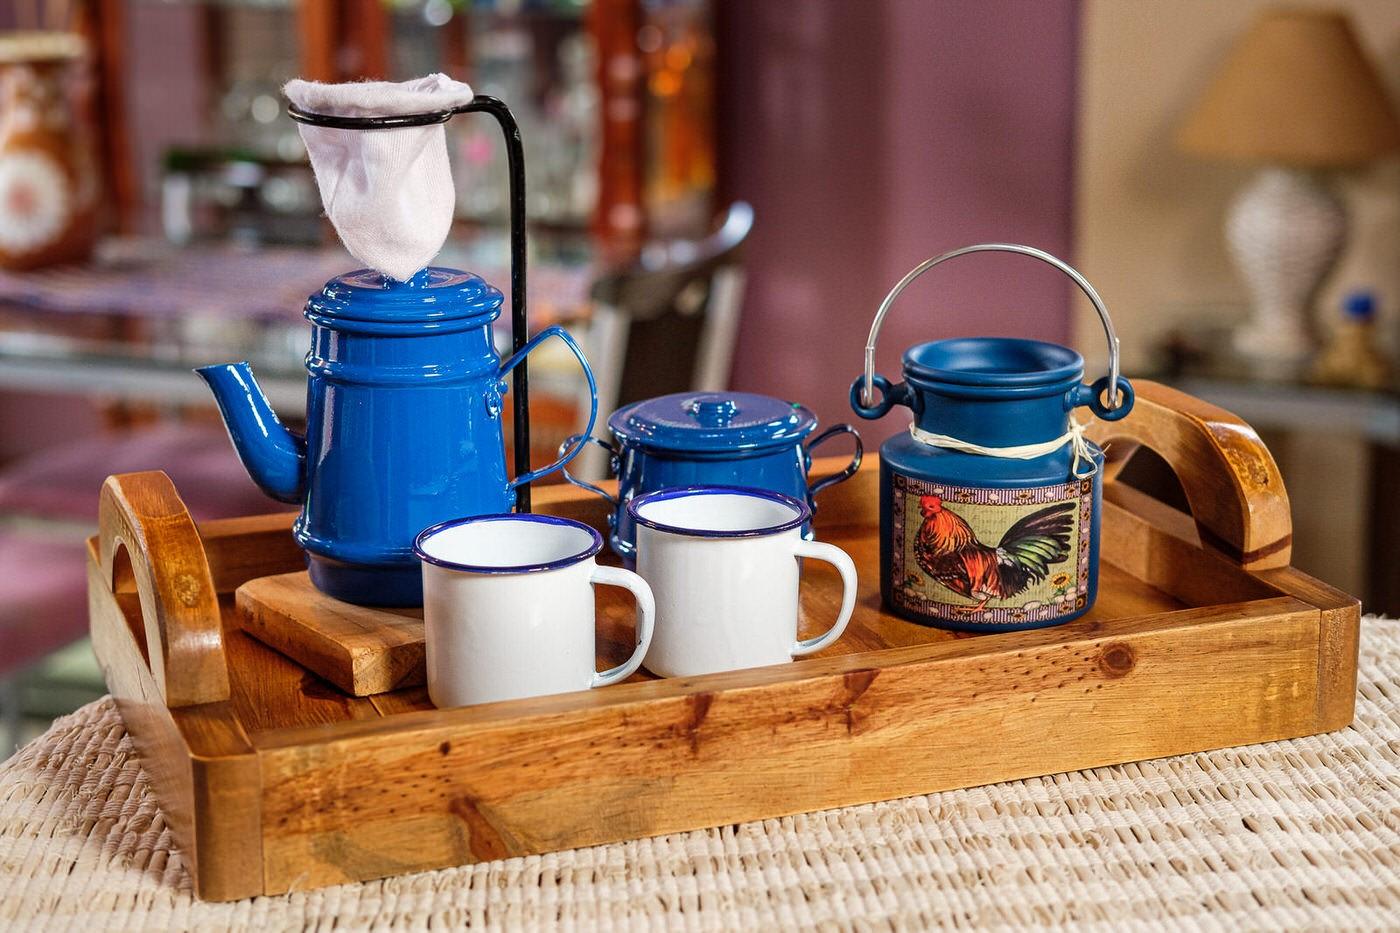 Kit Bandeja + Peças de Café / Azul Escuro com Canecas Brancas